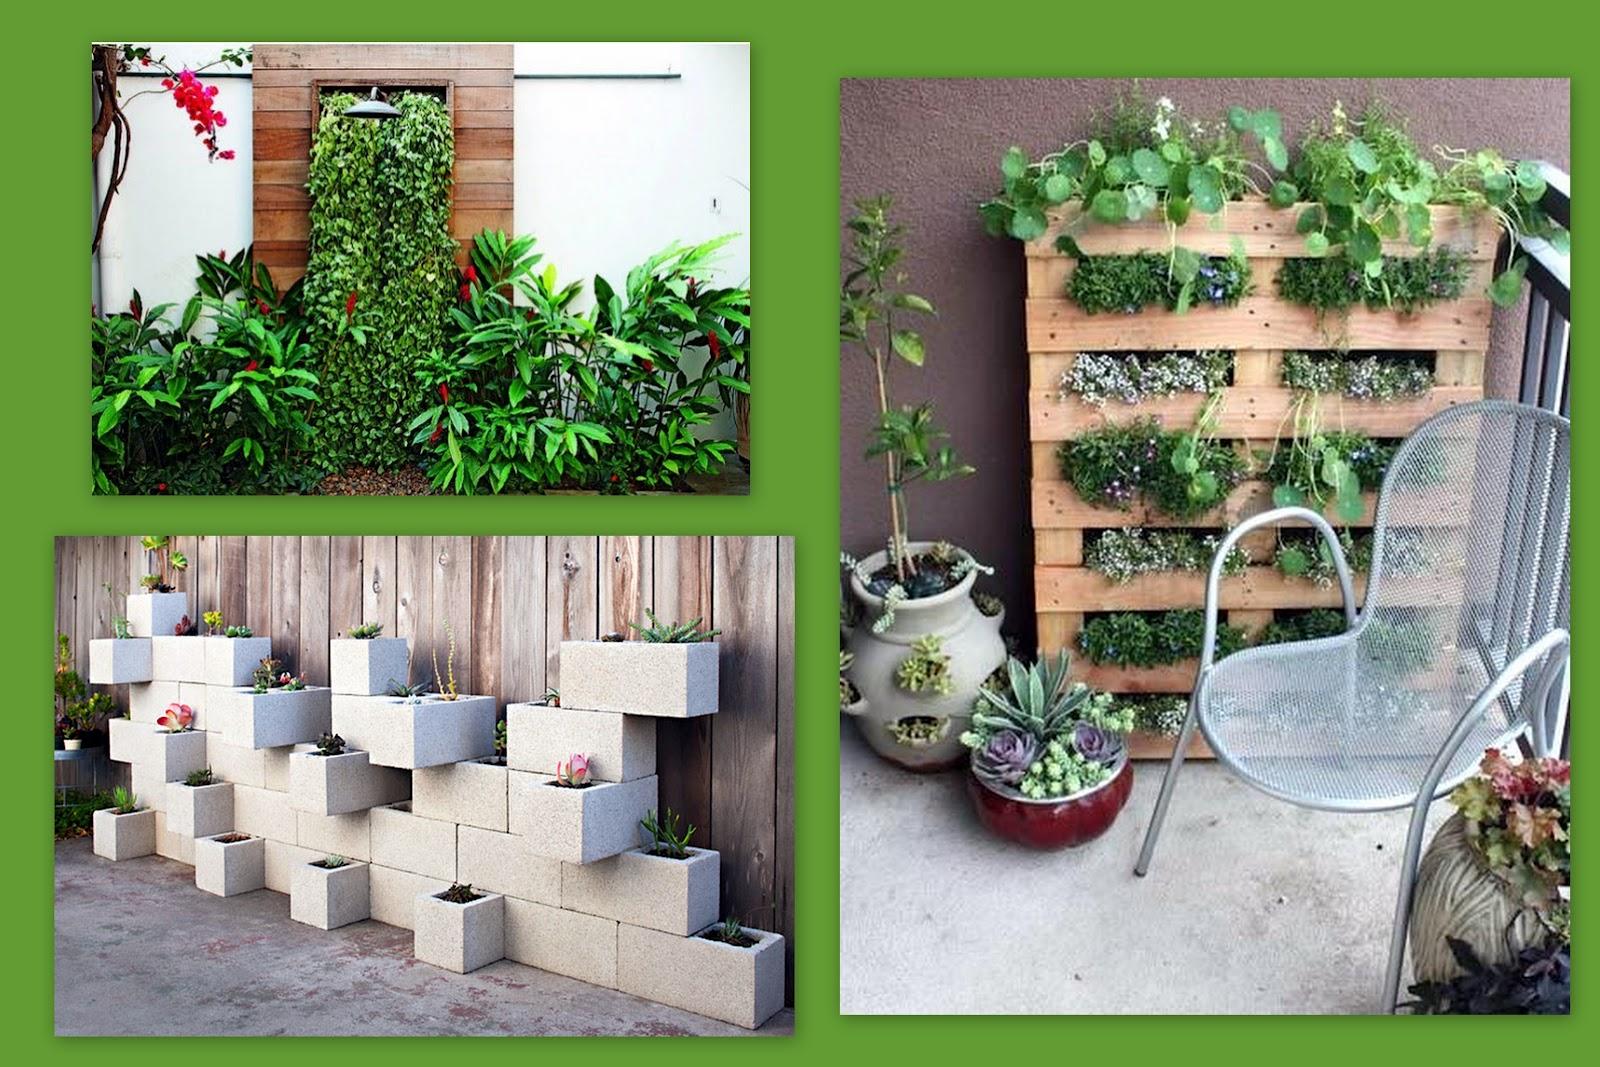 jardim vertical lisboa:Jardim Vertical